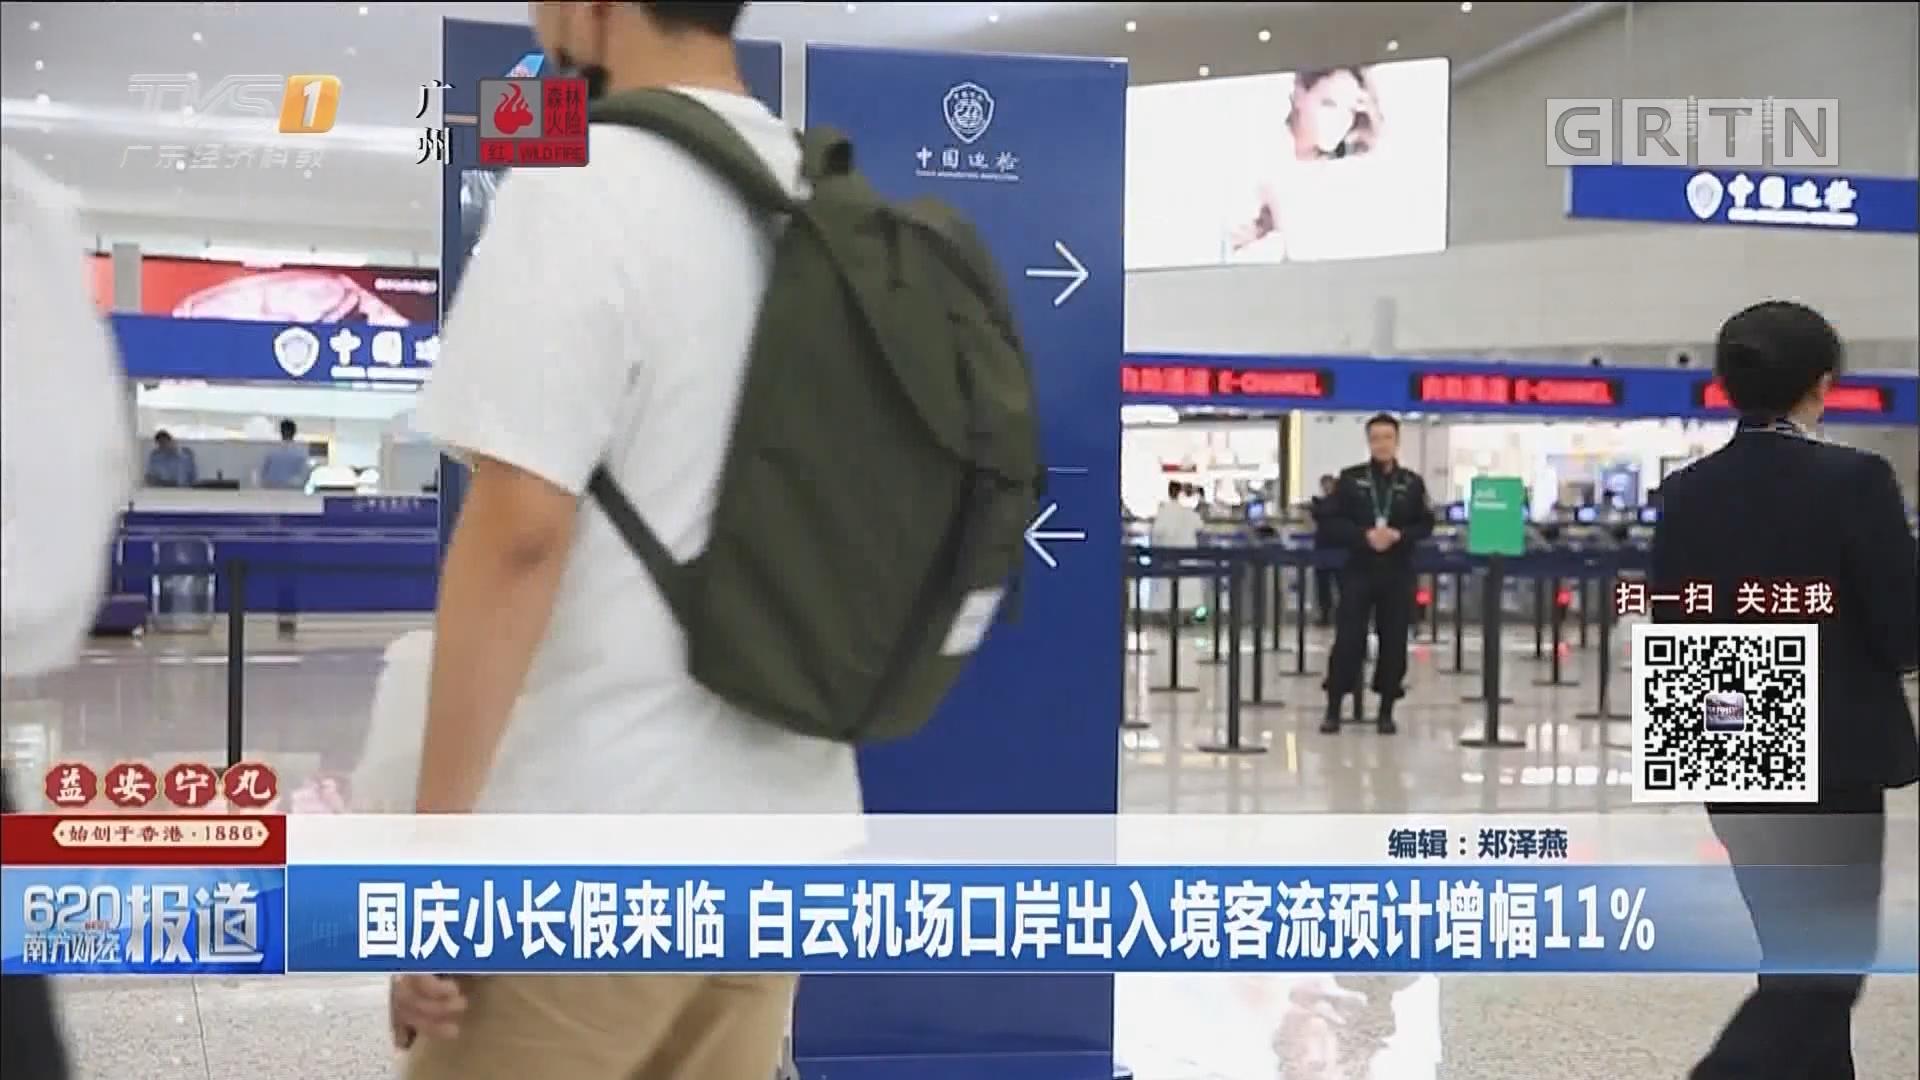 国庆小长假来临 白云机场口岸出入境客流预计增幅11%